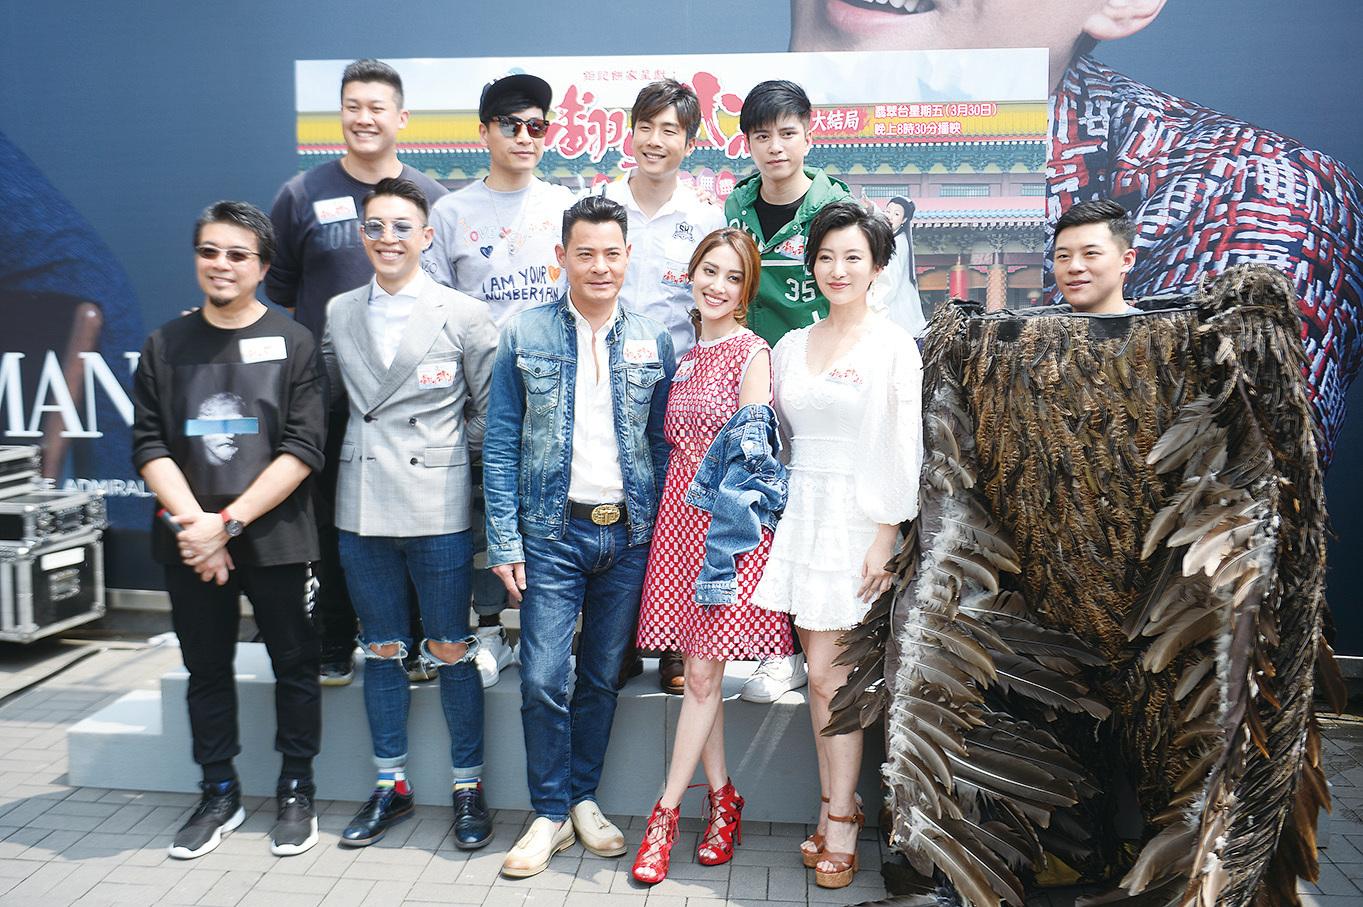 《翻生武林》劇中主要演員黃智賢(前排左三)、陳凱琳(右三)到尖沙咀出席宣傳活動,表示對收視有信心。(宋碧龍/大紀元)